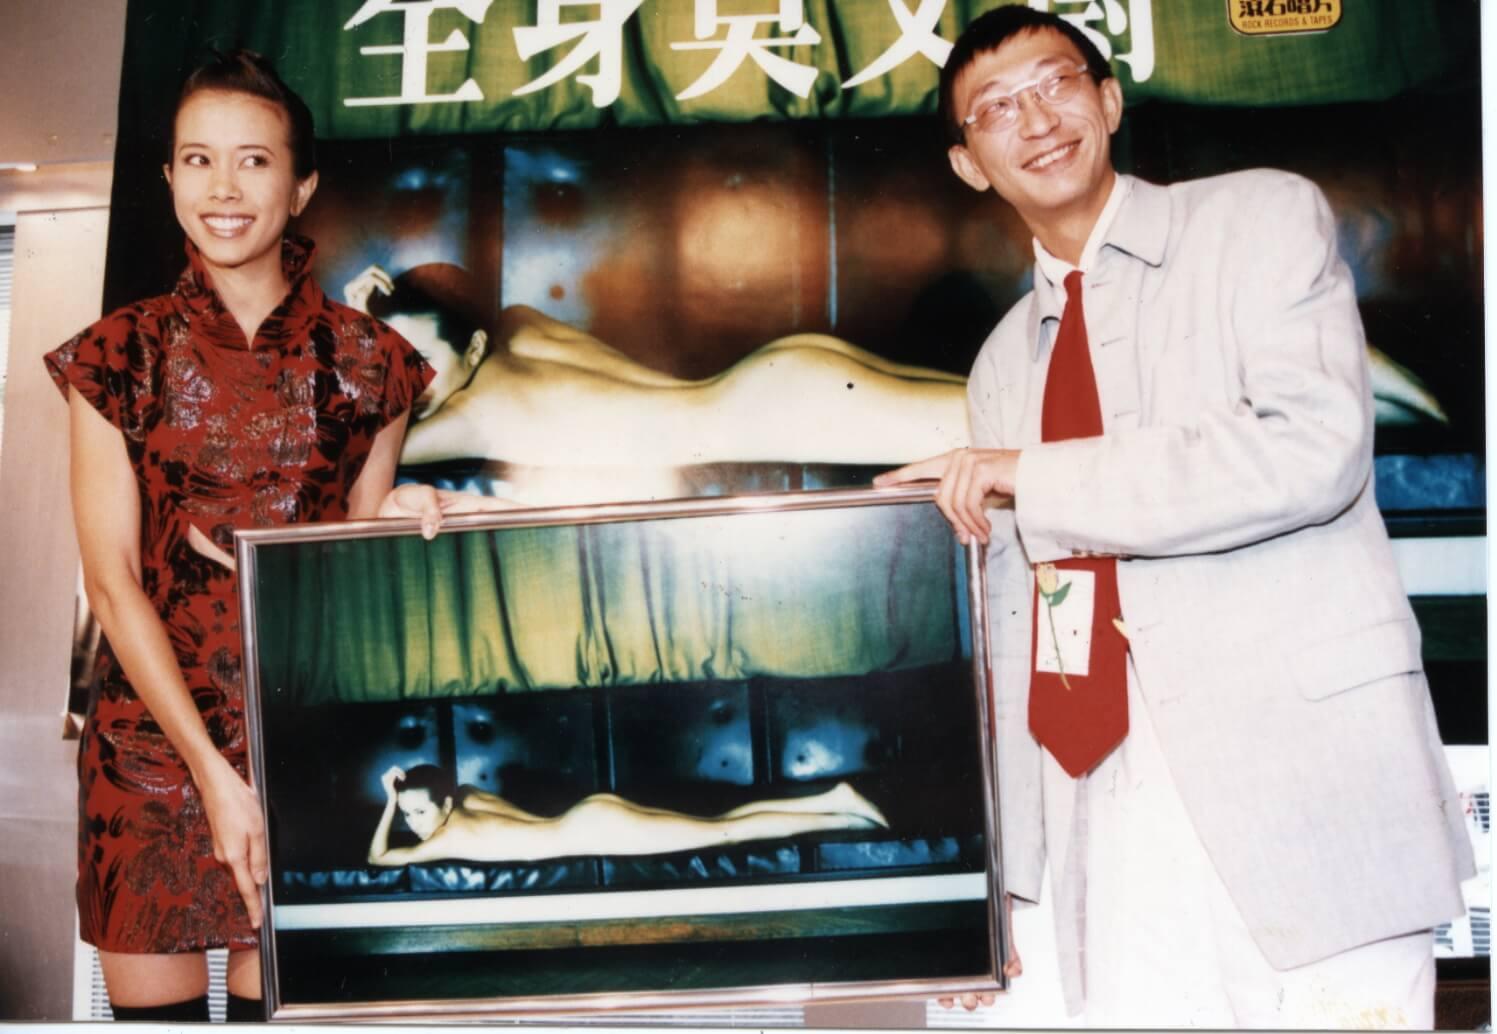 .久未露面的夏永康與Karen合作無間,二人第一次見面是拍攝《全身莫文蔚》唱片封面。